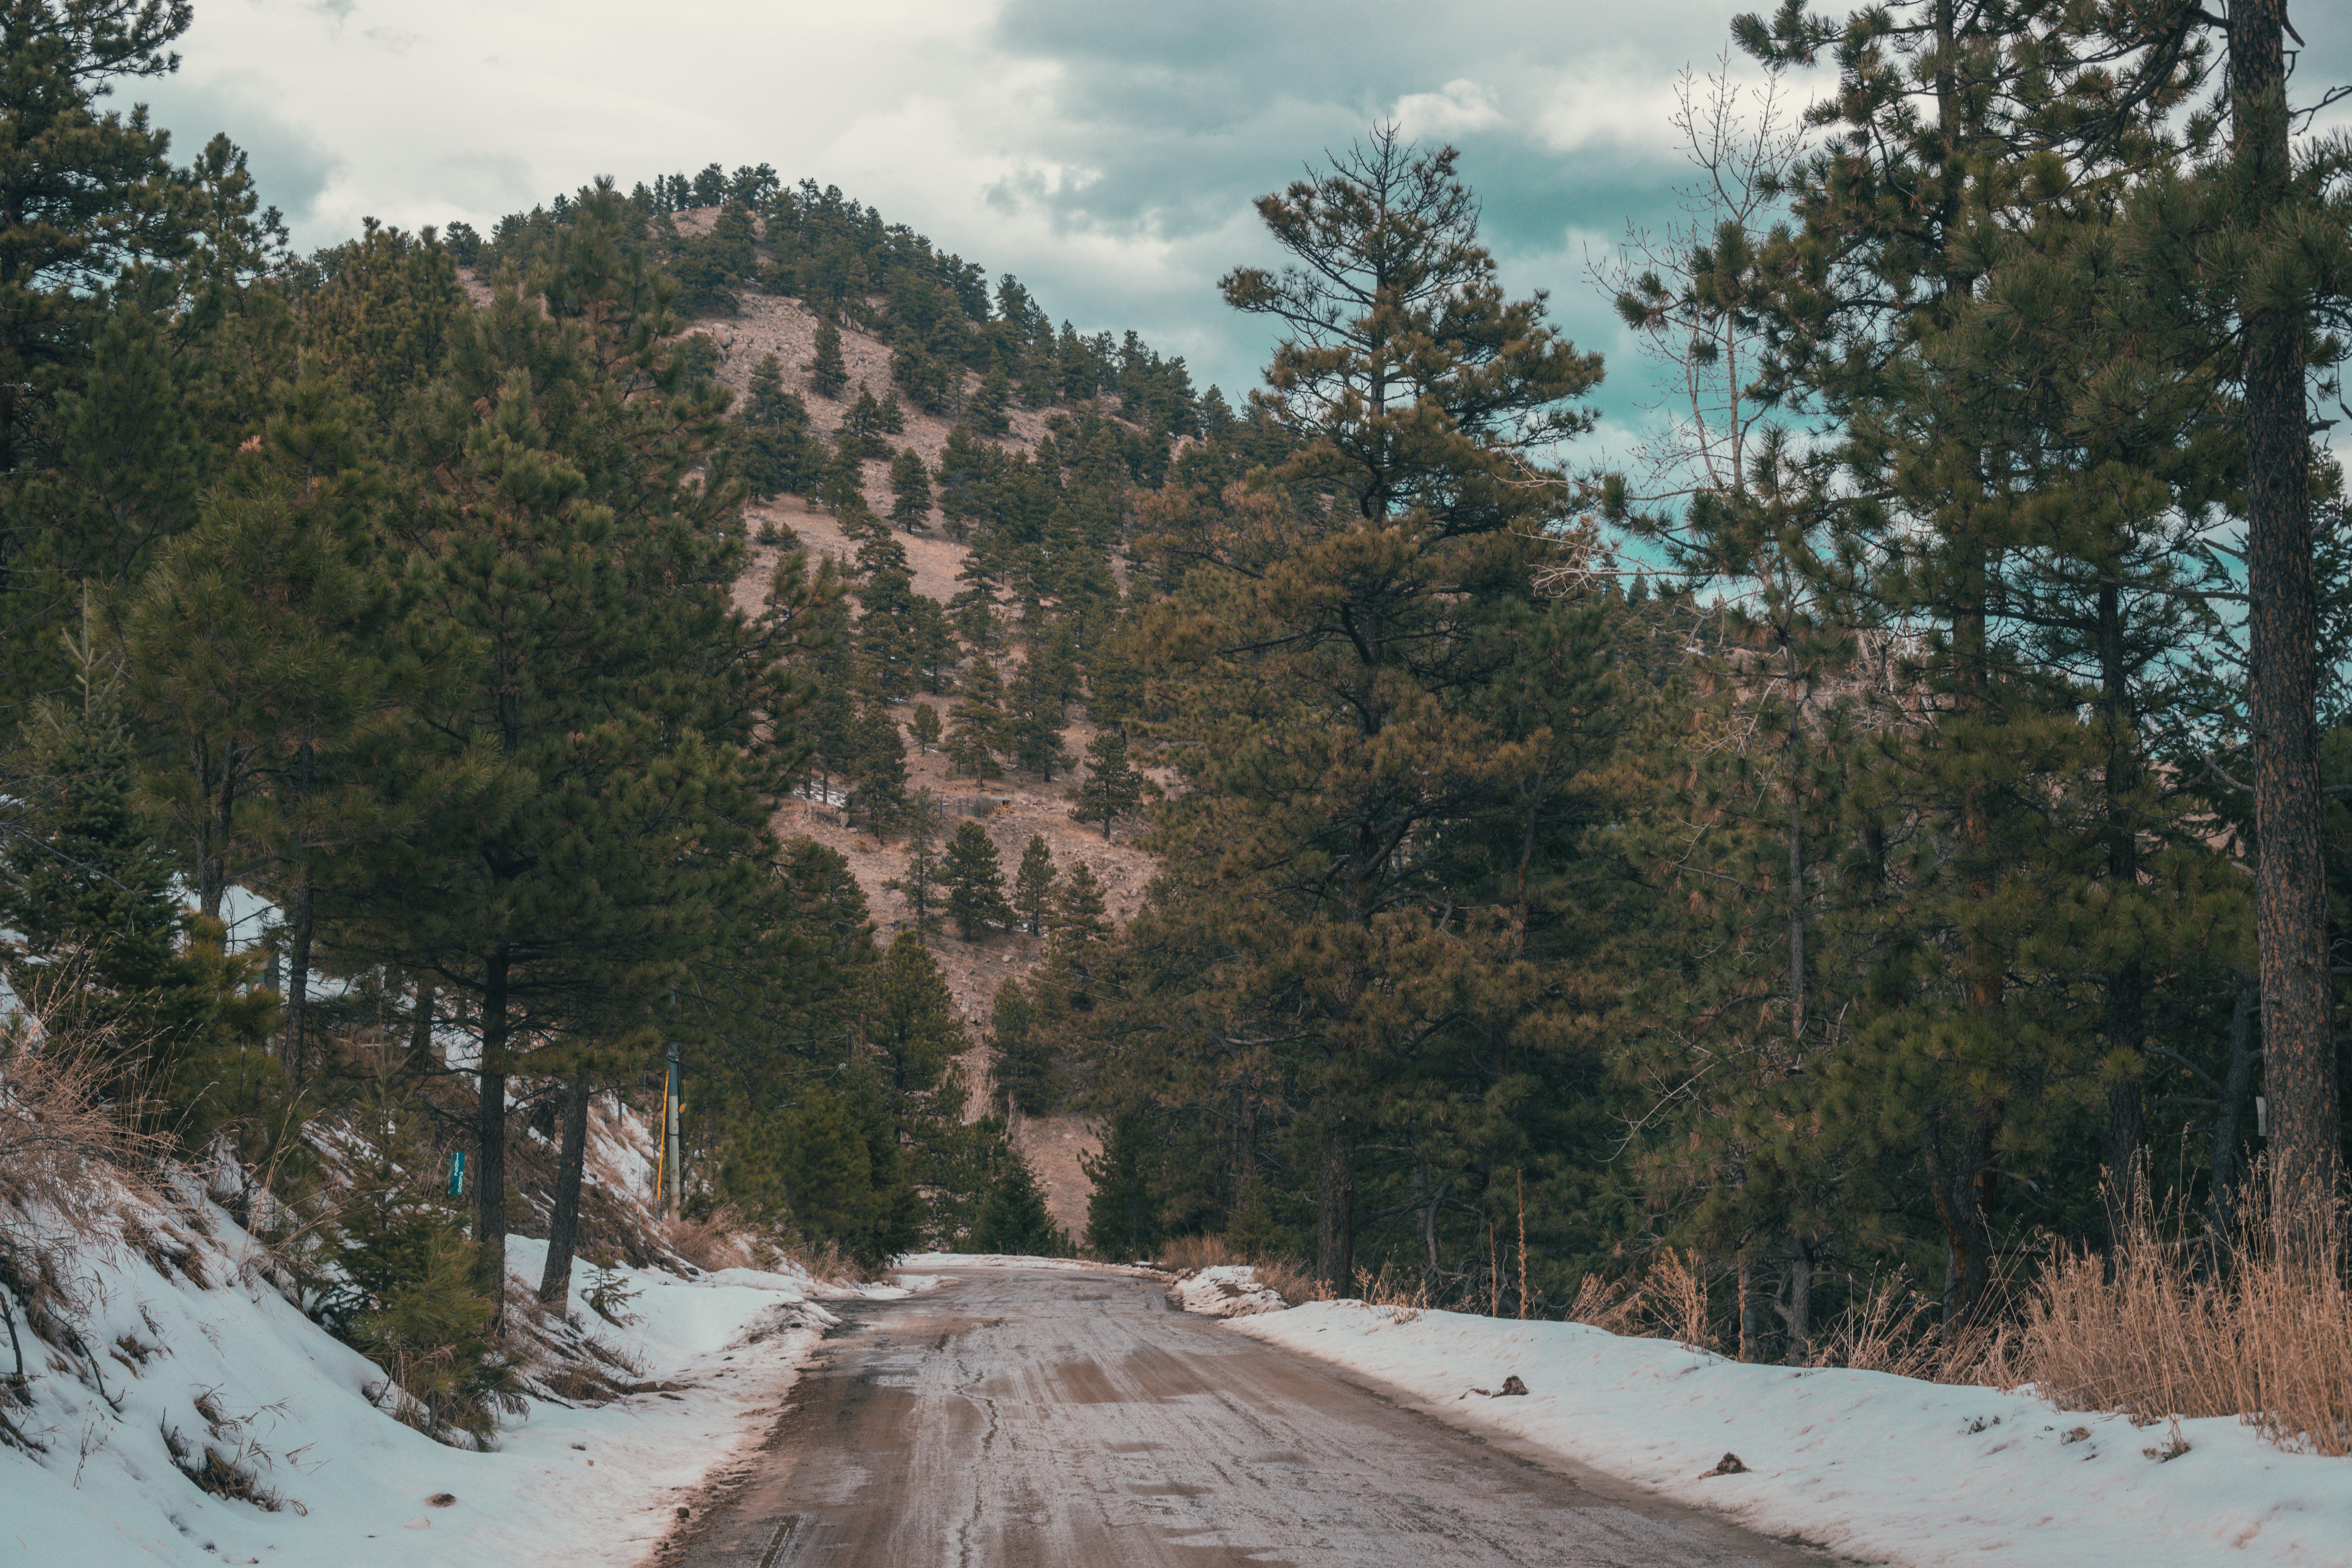 Fotos de stock gratuitas de arboles, bosque, carretera, cielo